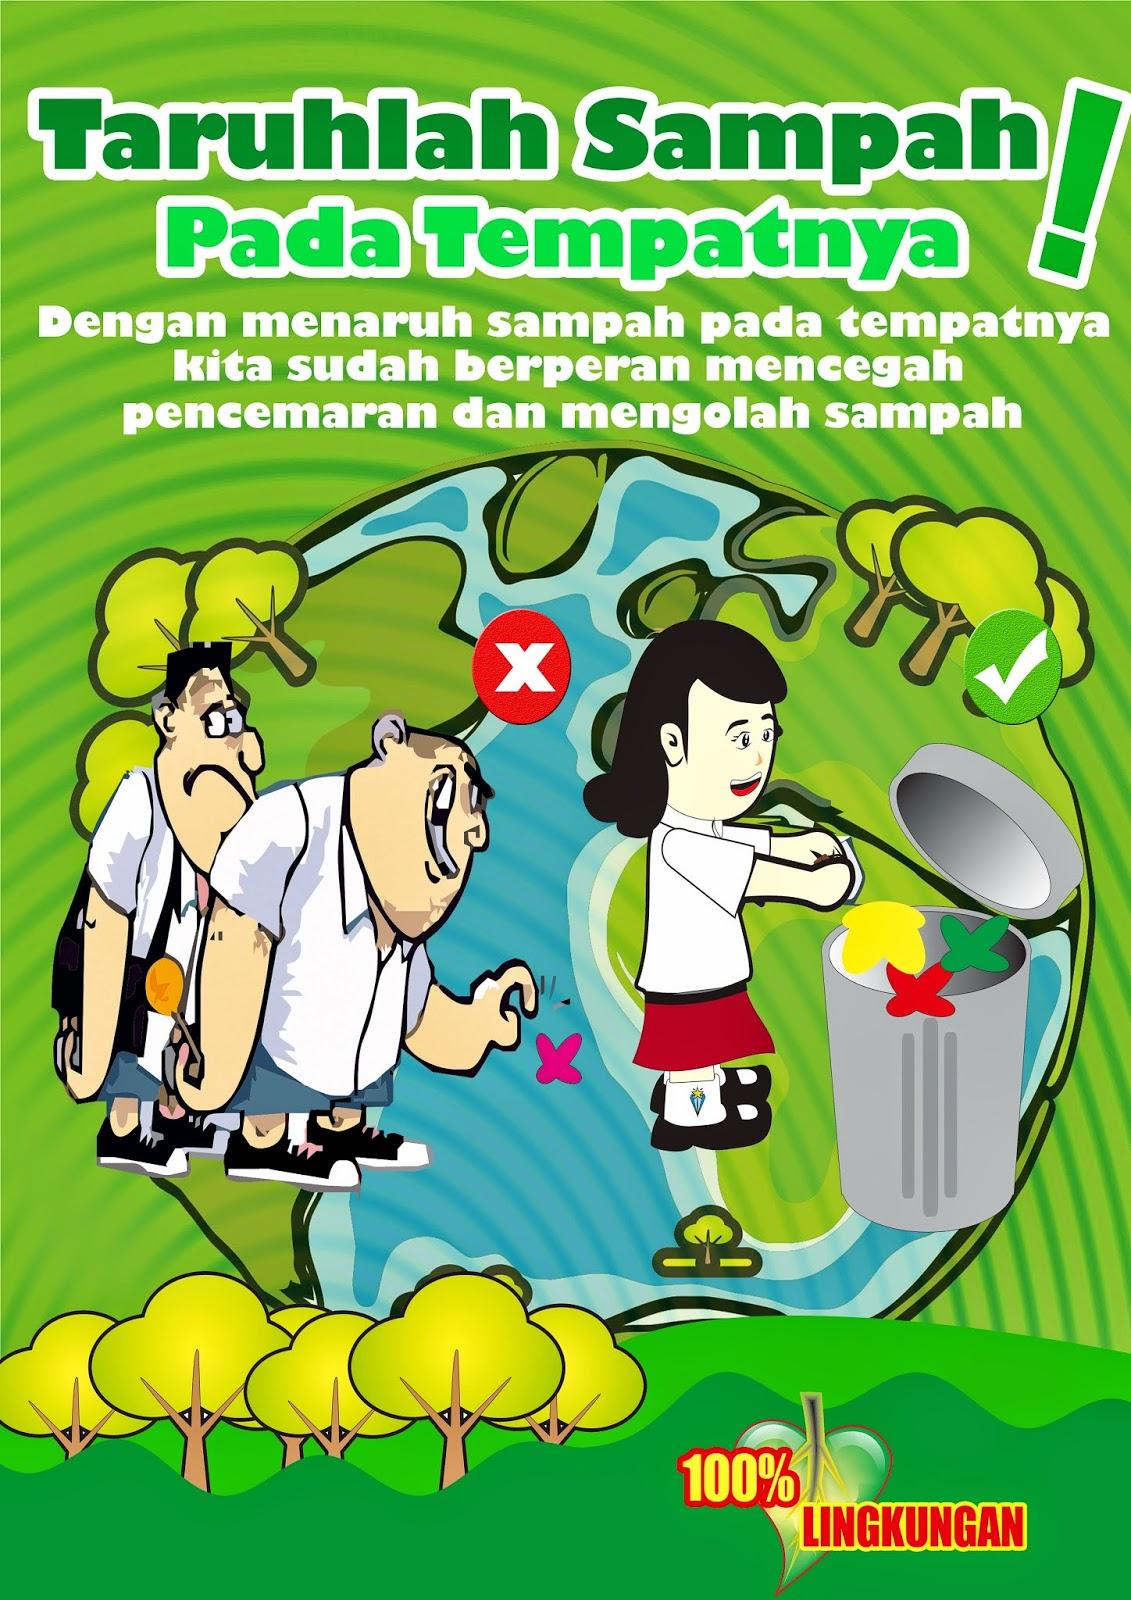 Joshua Hansel Nurdi's Blog: Poster buang sampah pada tempatnya!